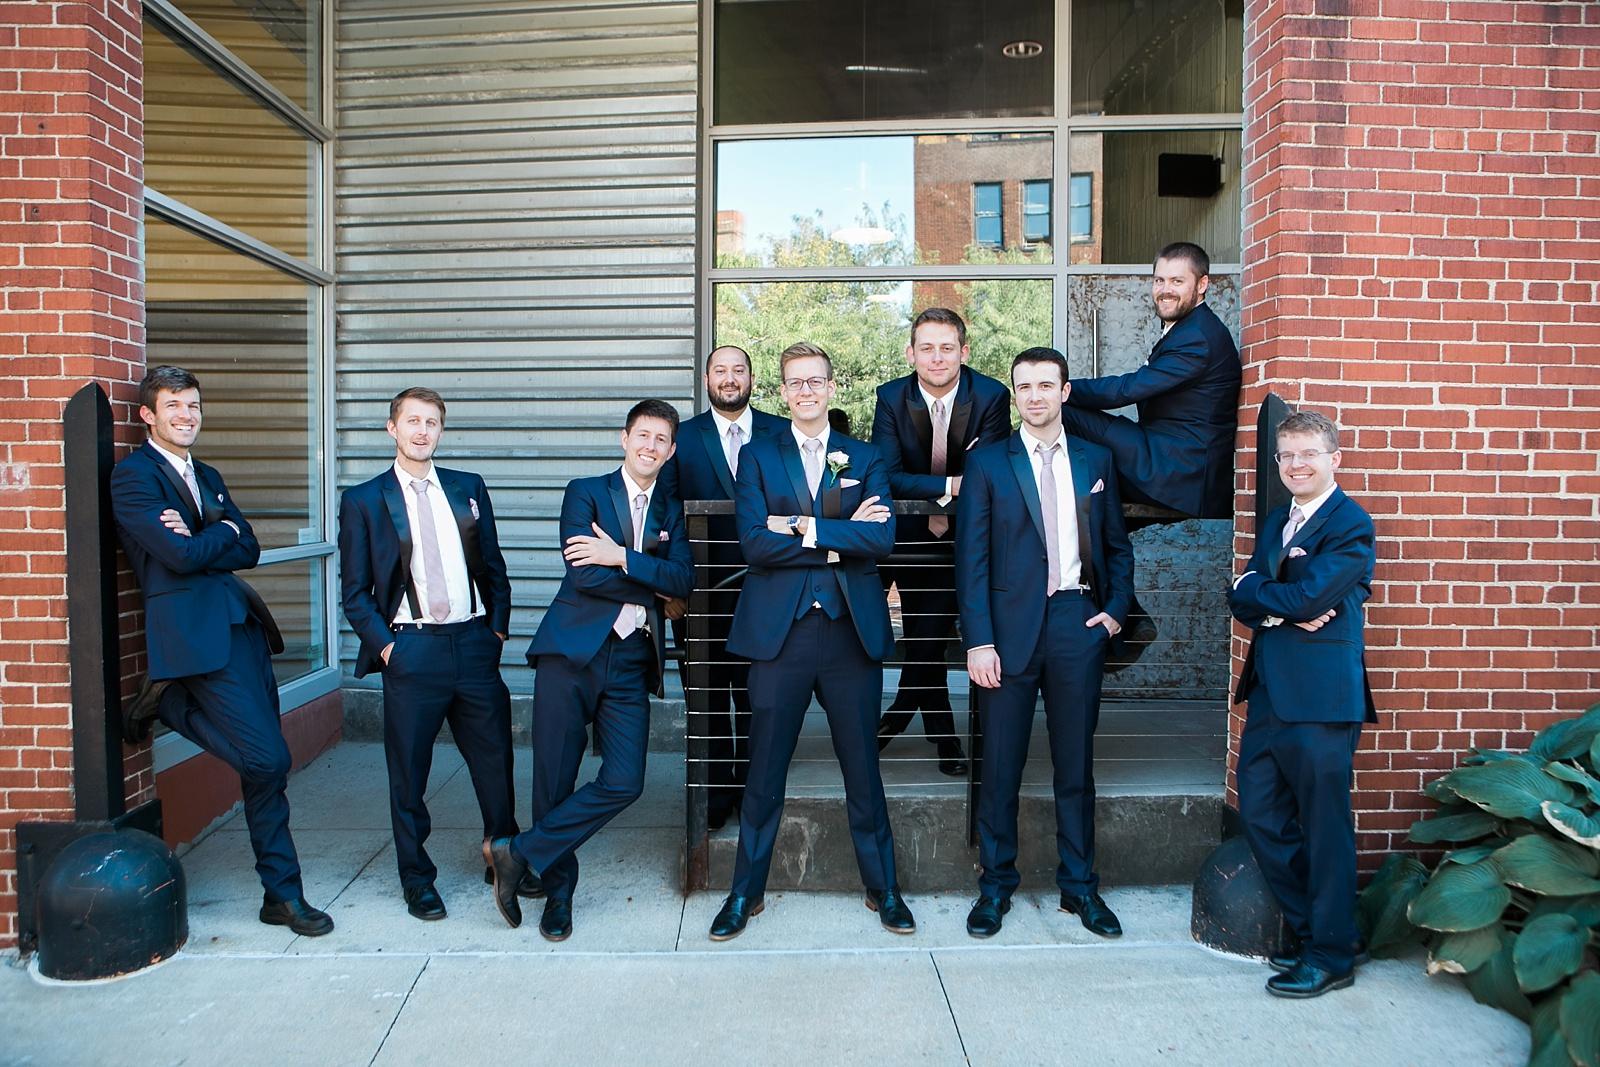 Navy-Suit-Groomsmen